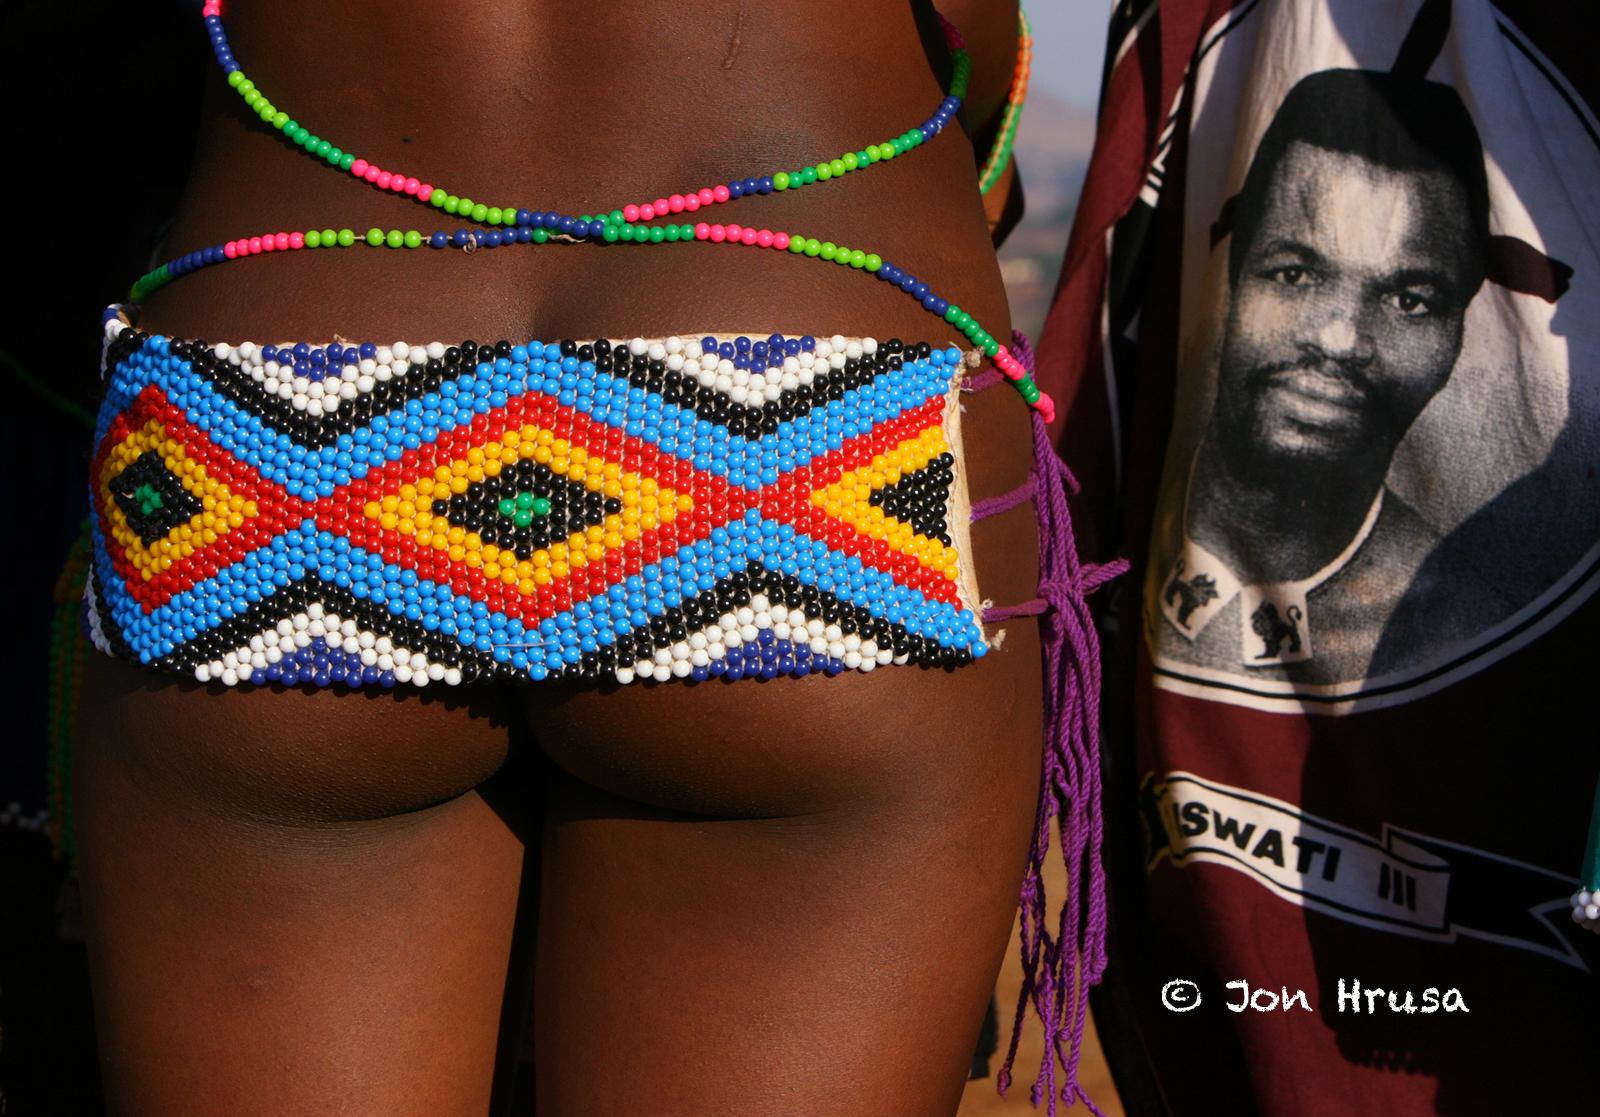 Umhlanga, une tradition africaine détournée par le tourisme sexuel et la pornographie